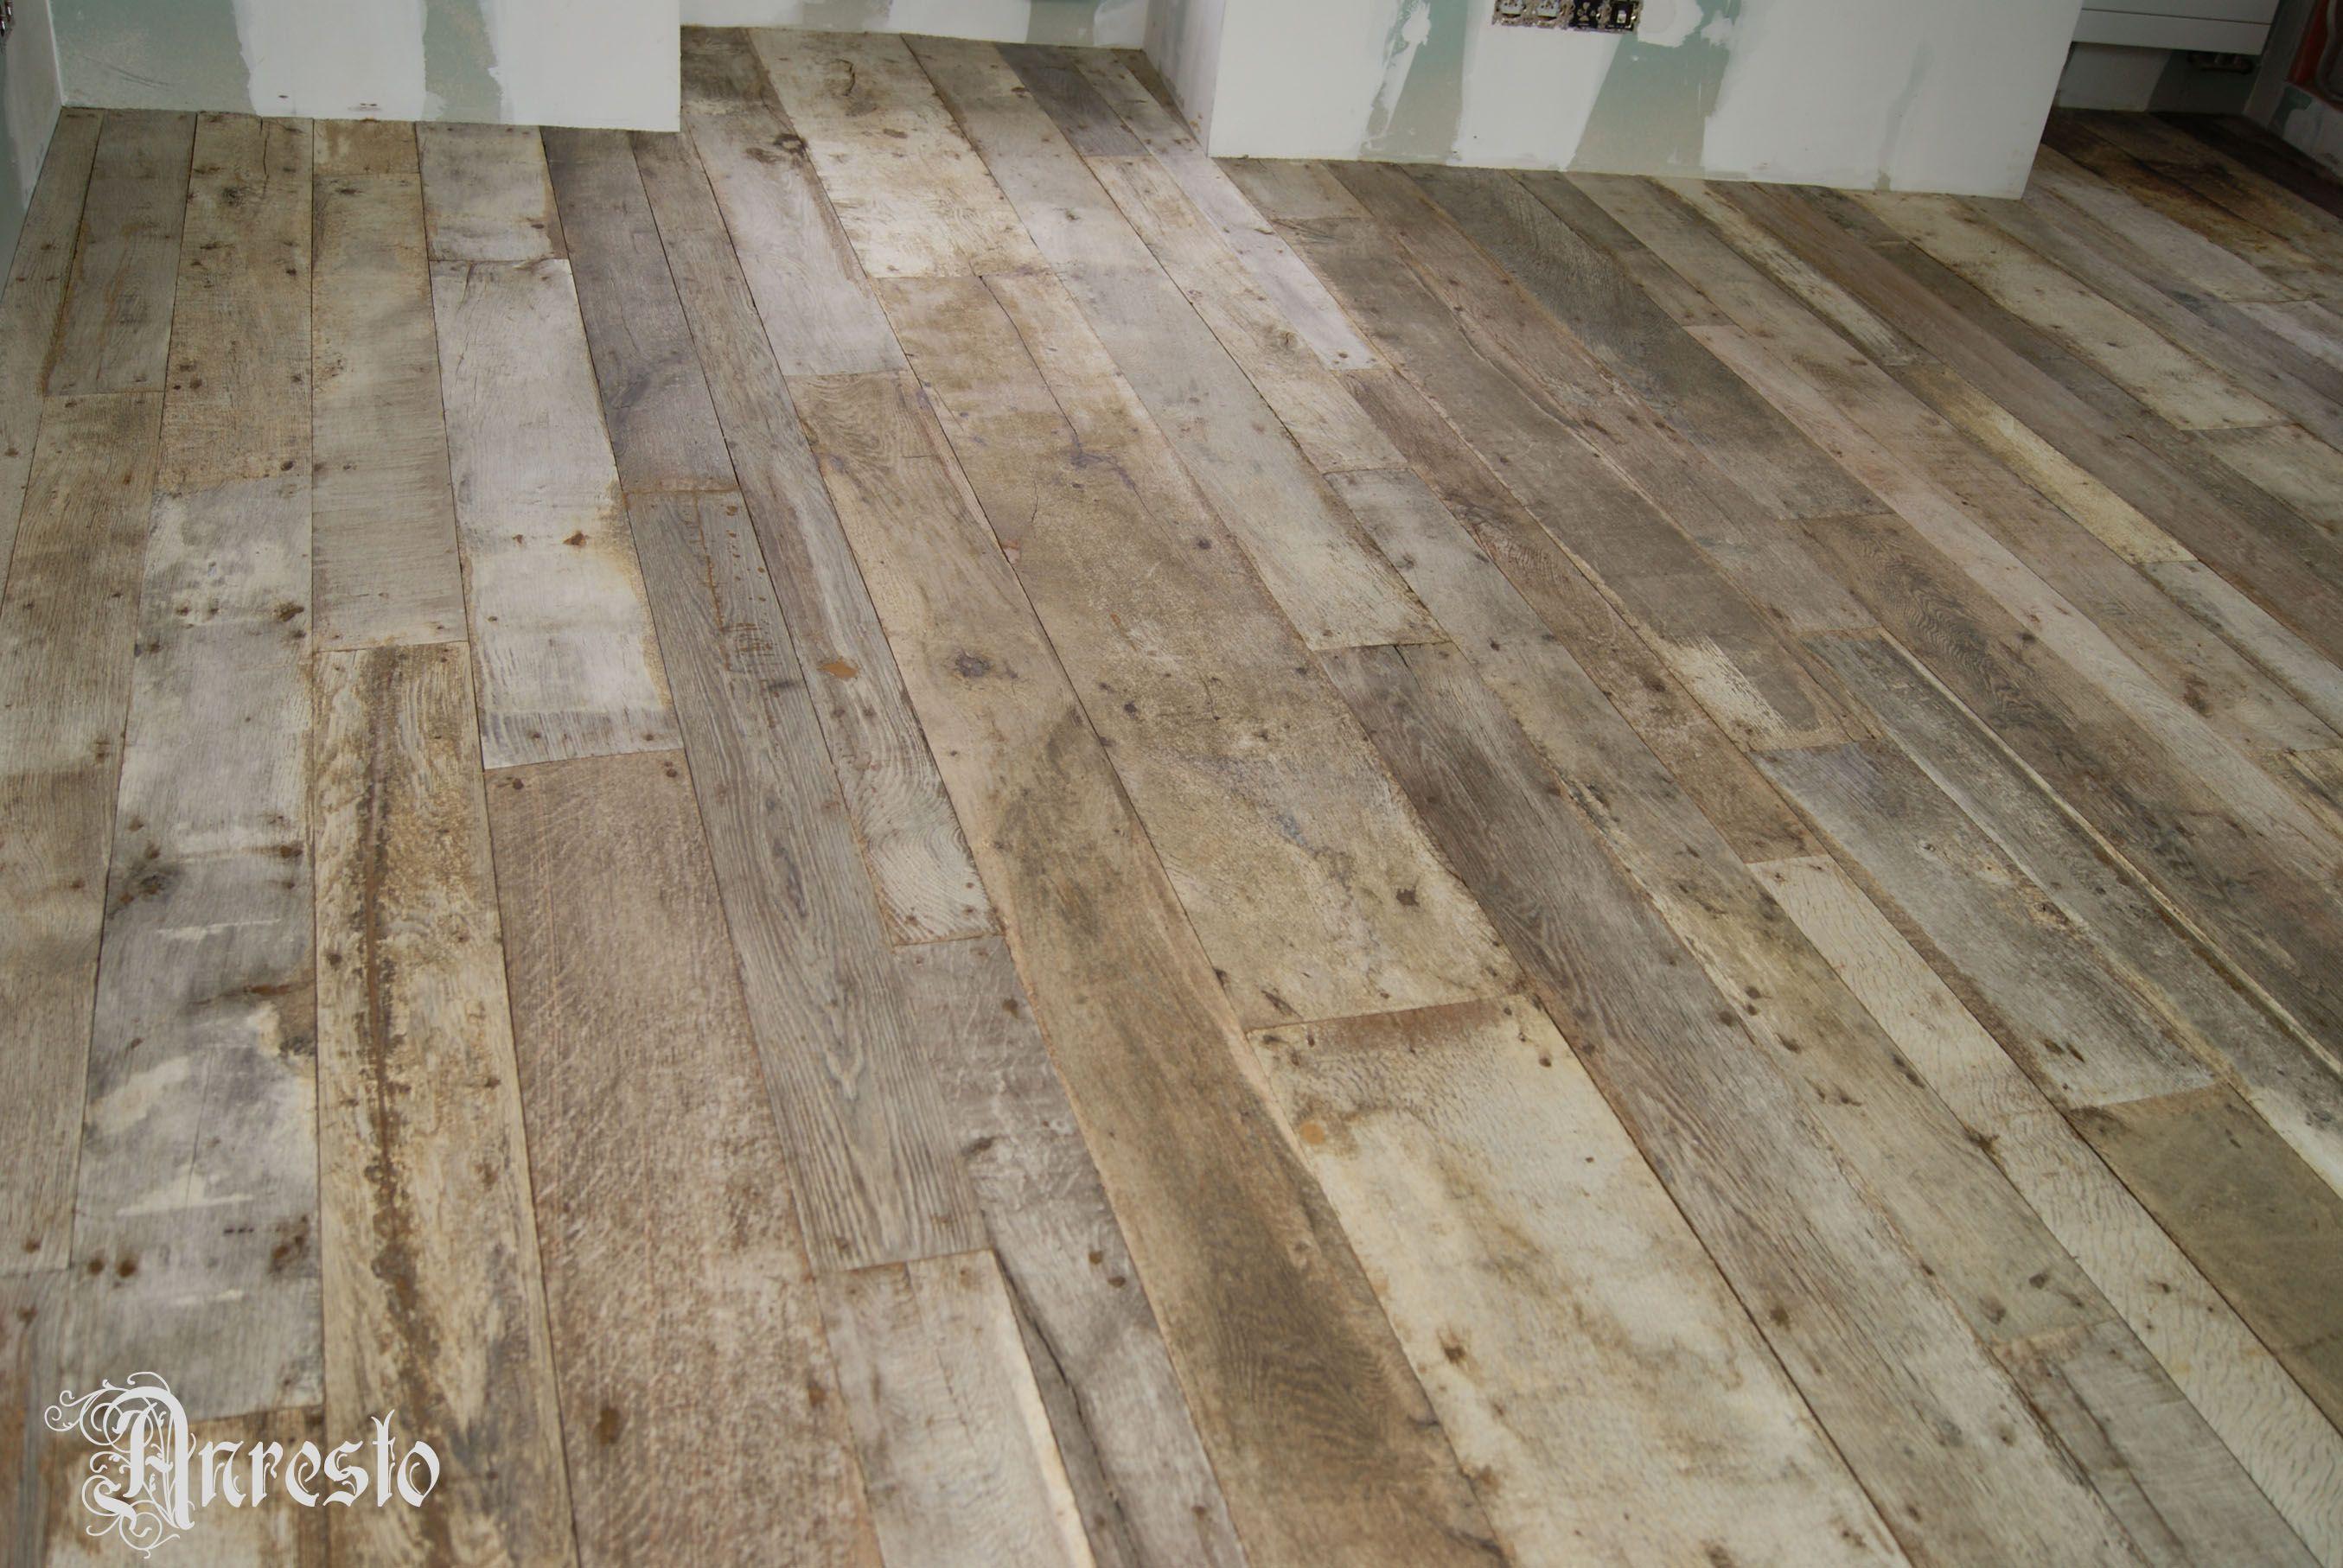 Houten Vloer Oud : Oude houten vloeren van bijzonder hoge kwaliteit